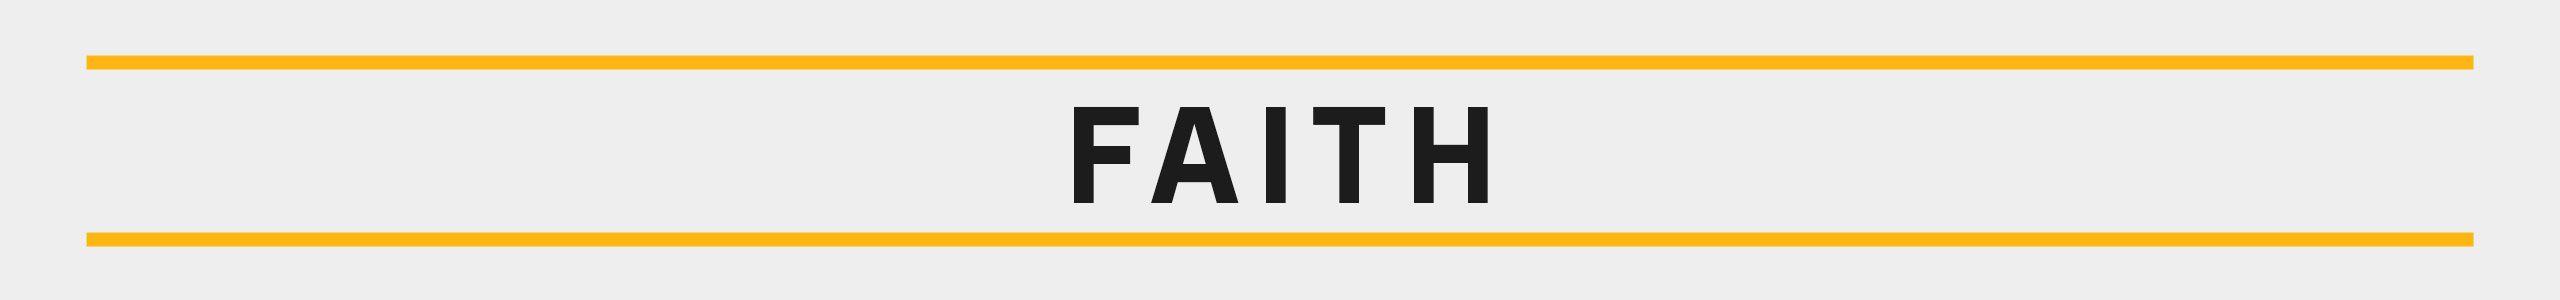 faith-sb-header